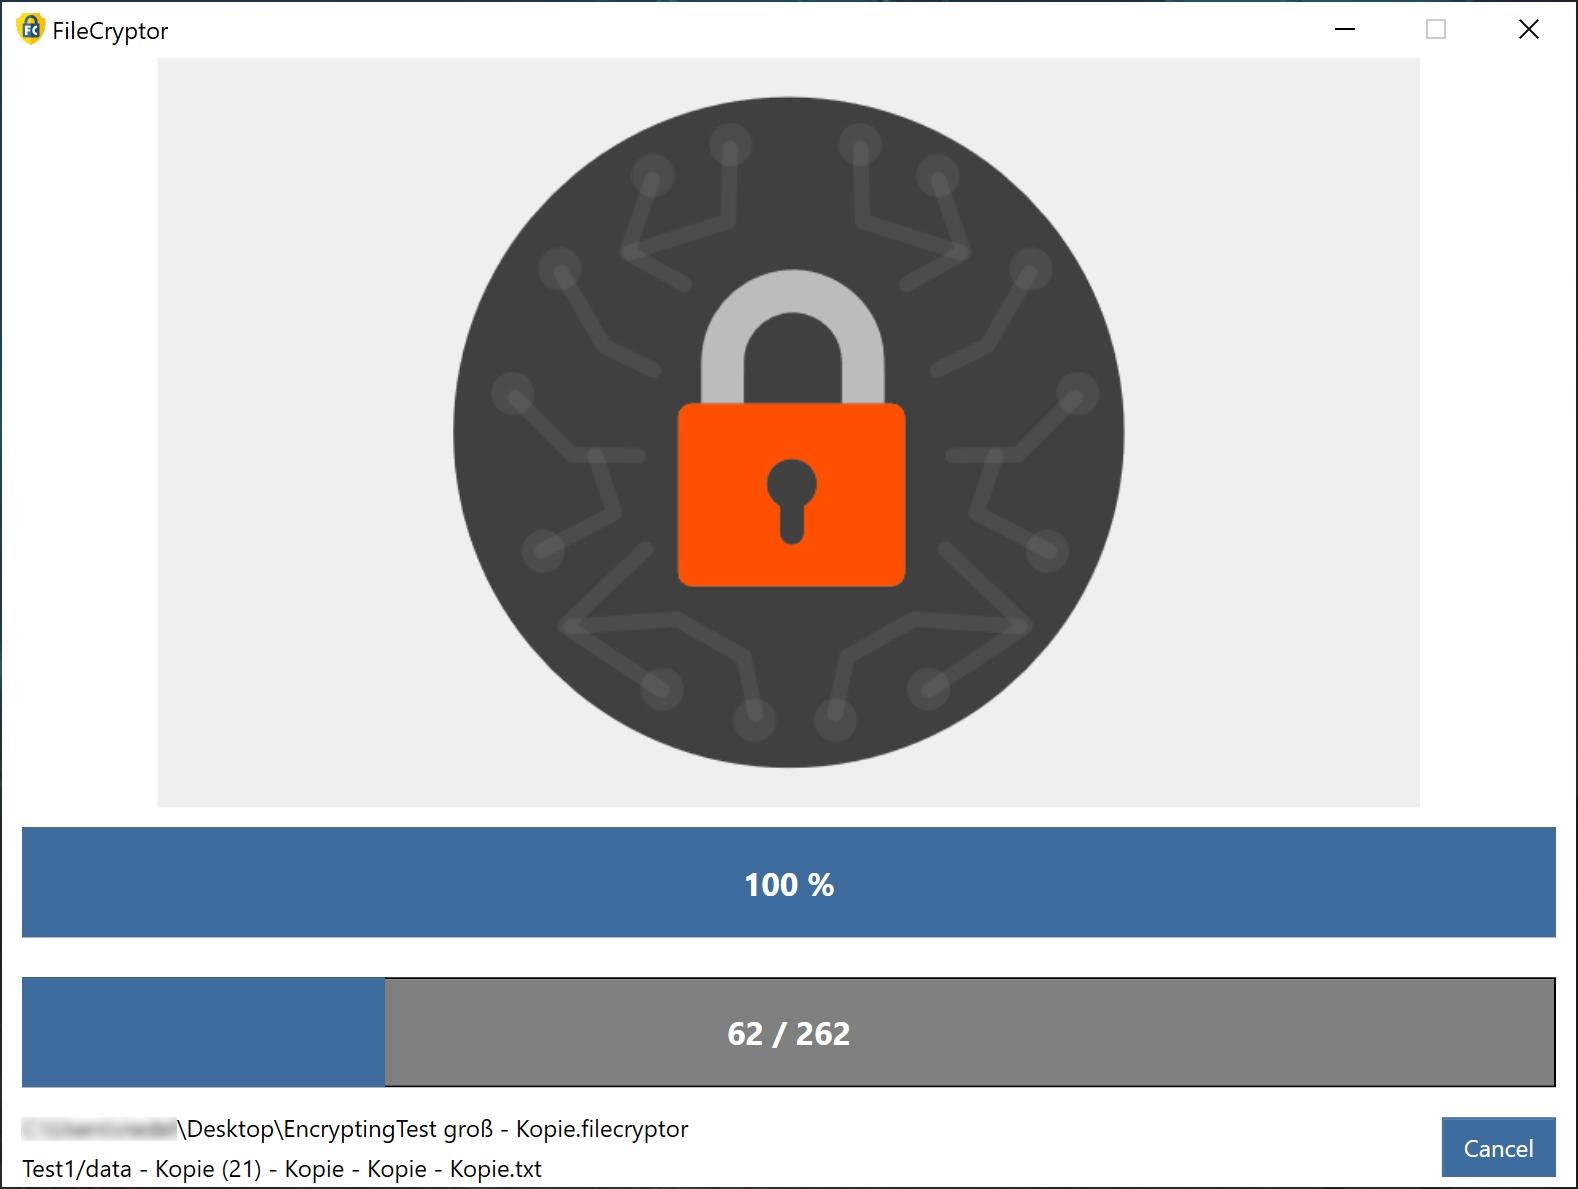 Program lze použít pro přenos zabezpečených dat šifrováním na USB flash discích nebo při posílání e-mailem. Pokud váš přenosný disk ztratíte nebo se do vaší pošty nebo počítače dostanou hackeři, budou jim zašifrované soubory k ničemu.